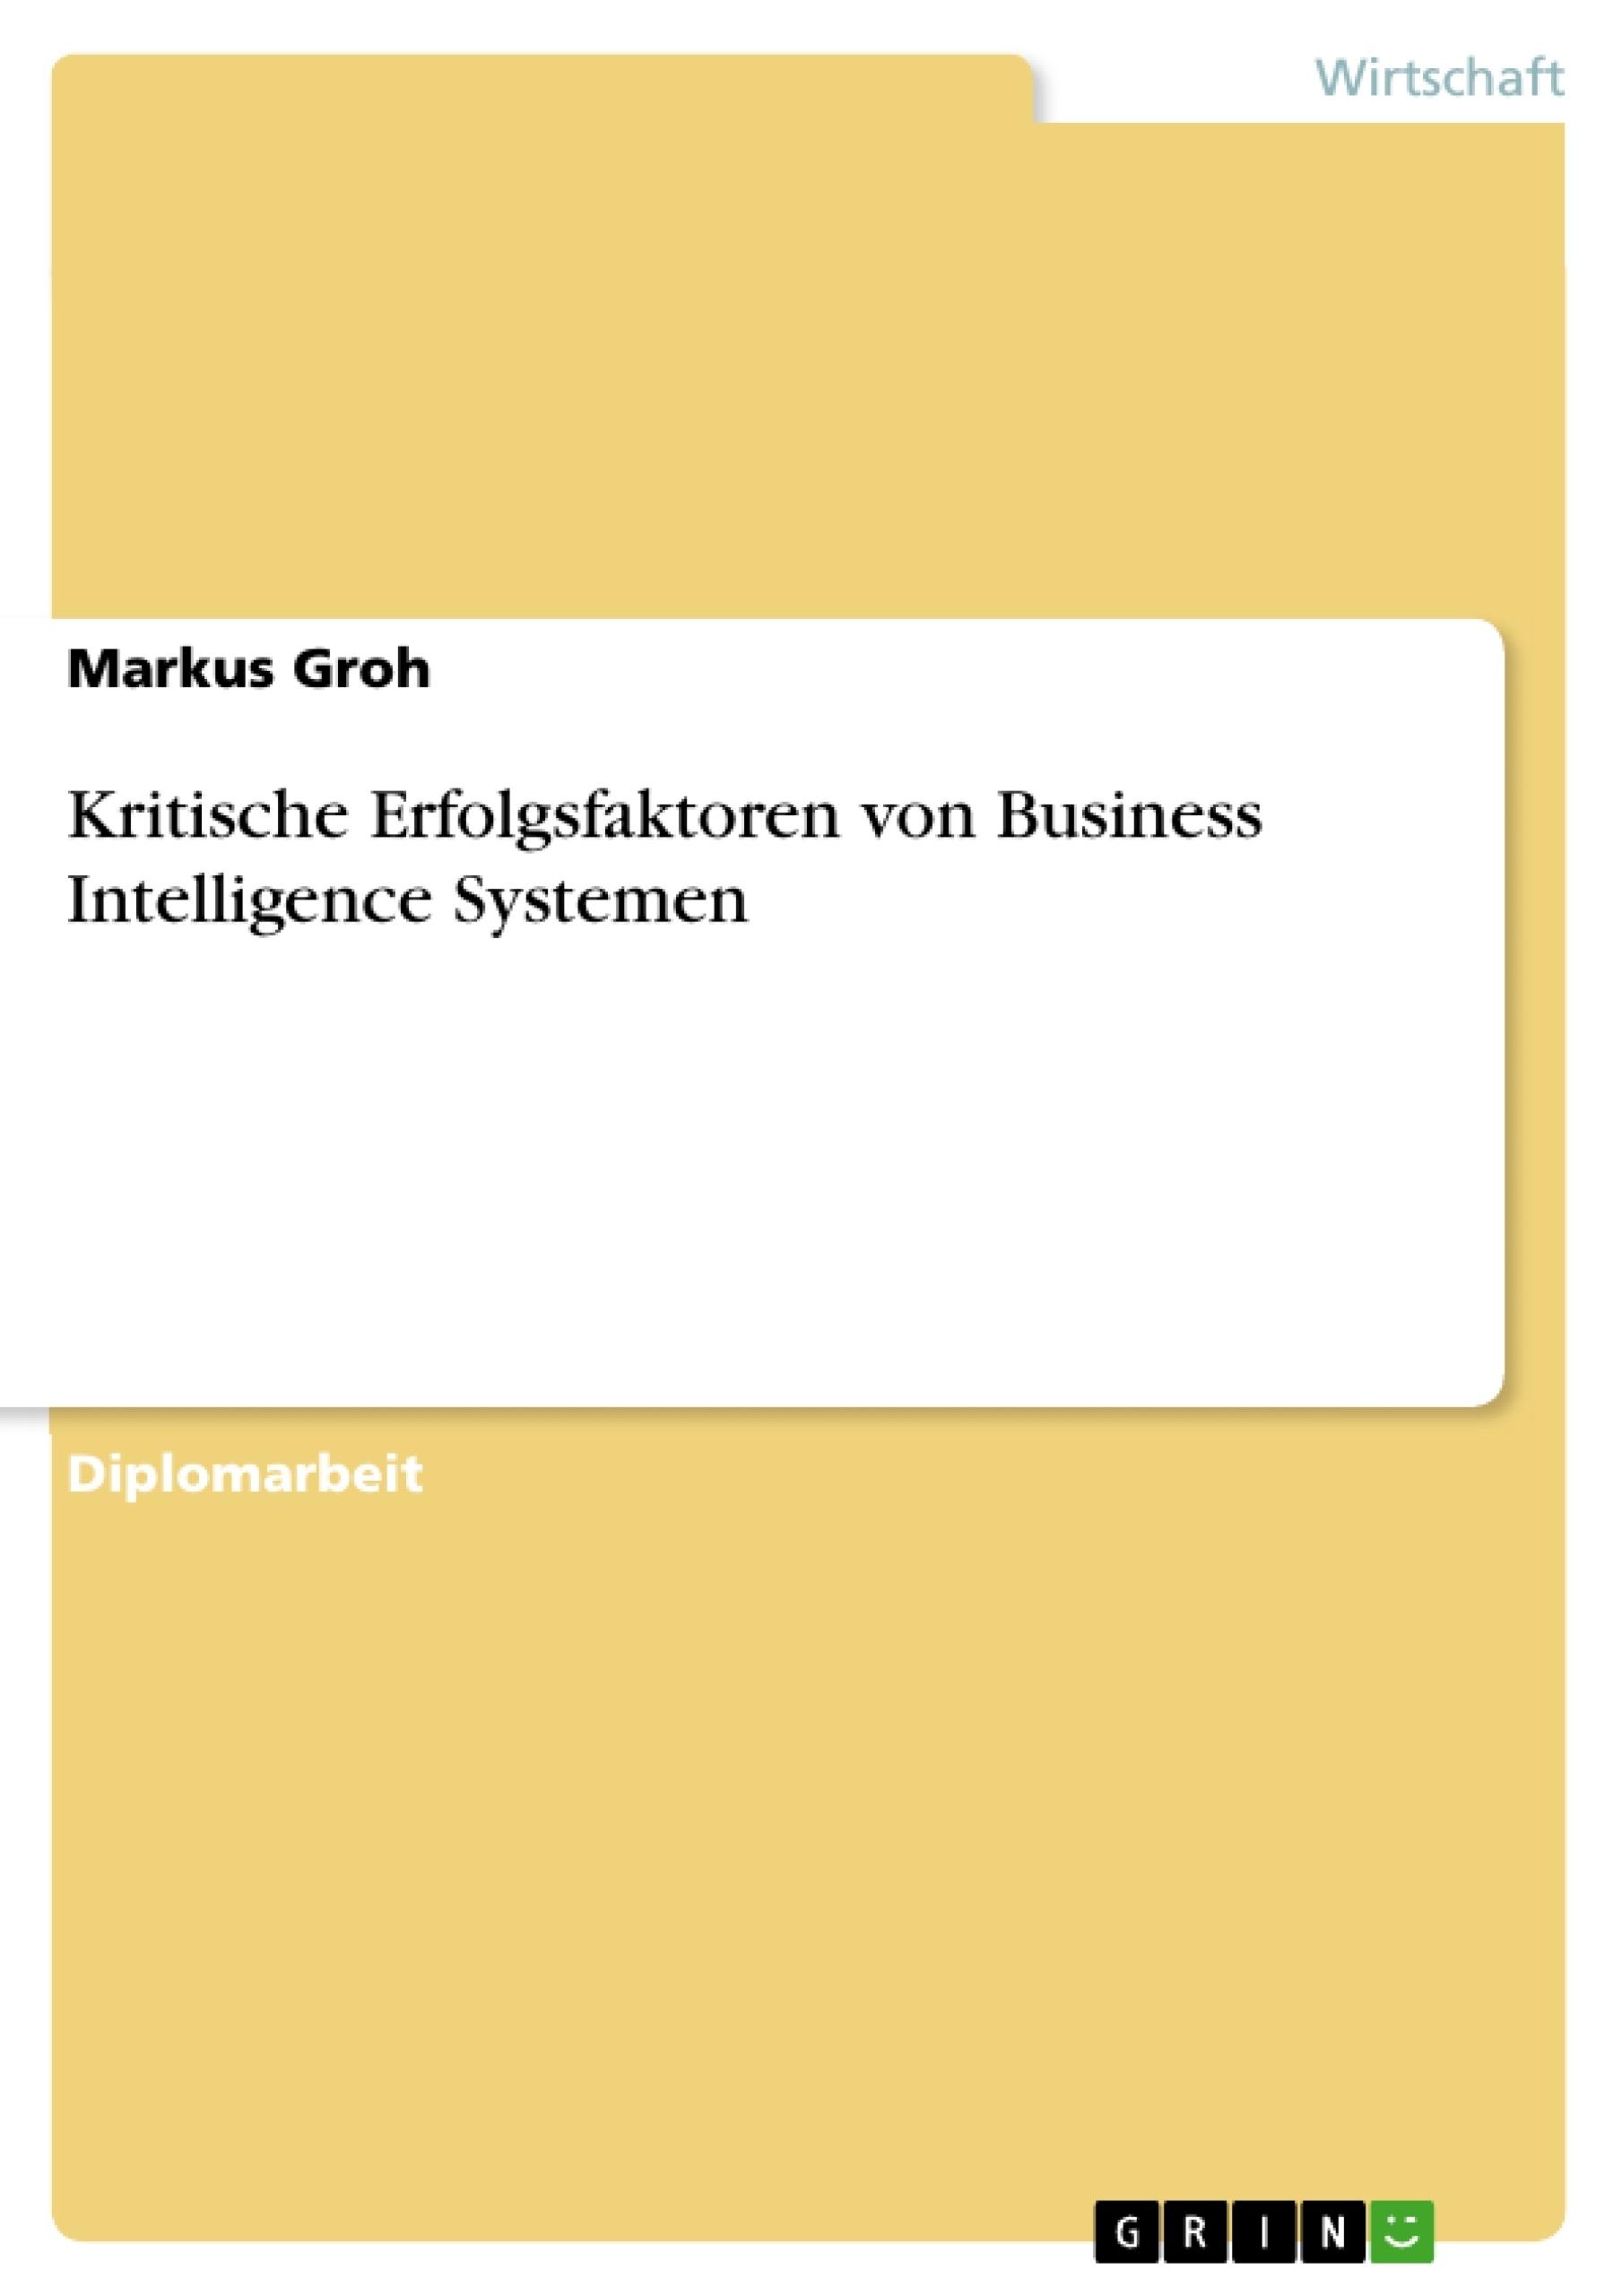 Titel: Kritische Erfolgsfaktoren von Business Intelligence Systemen